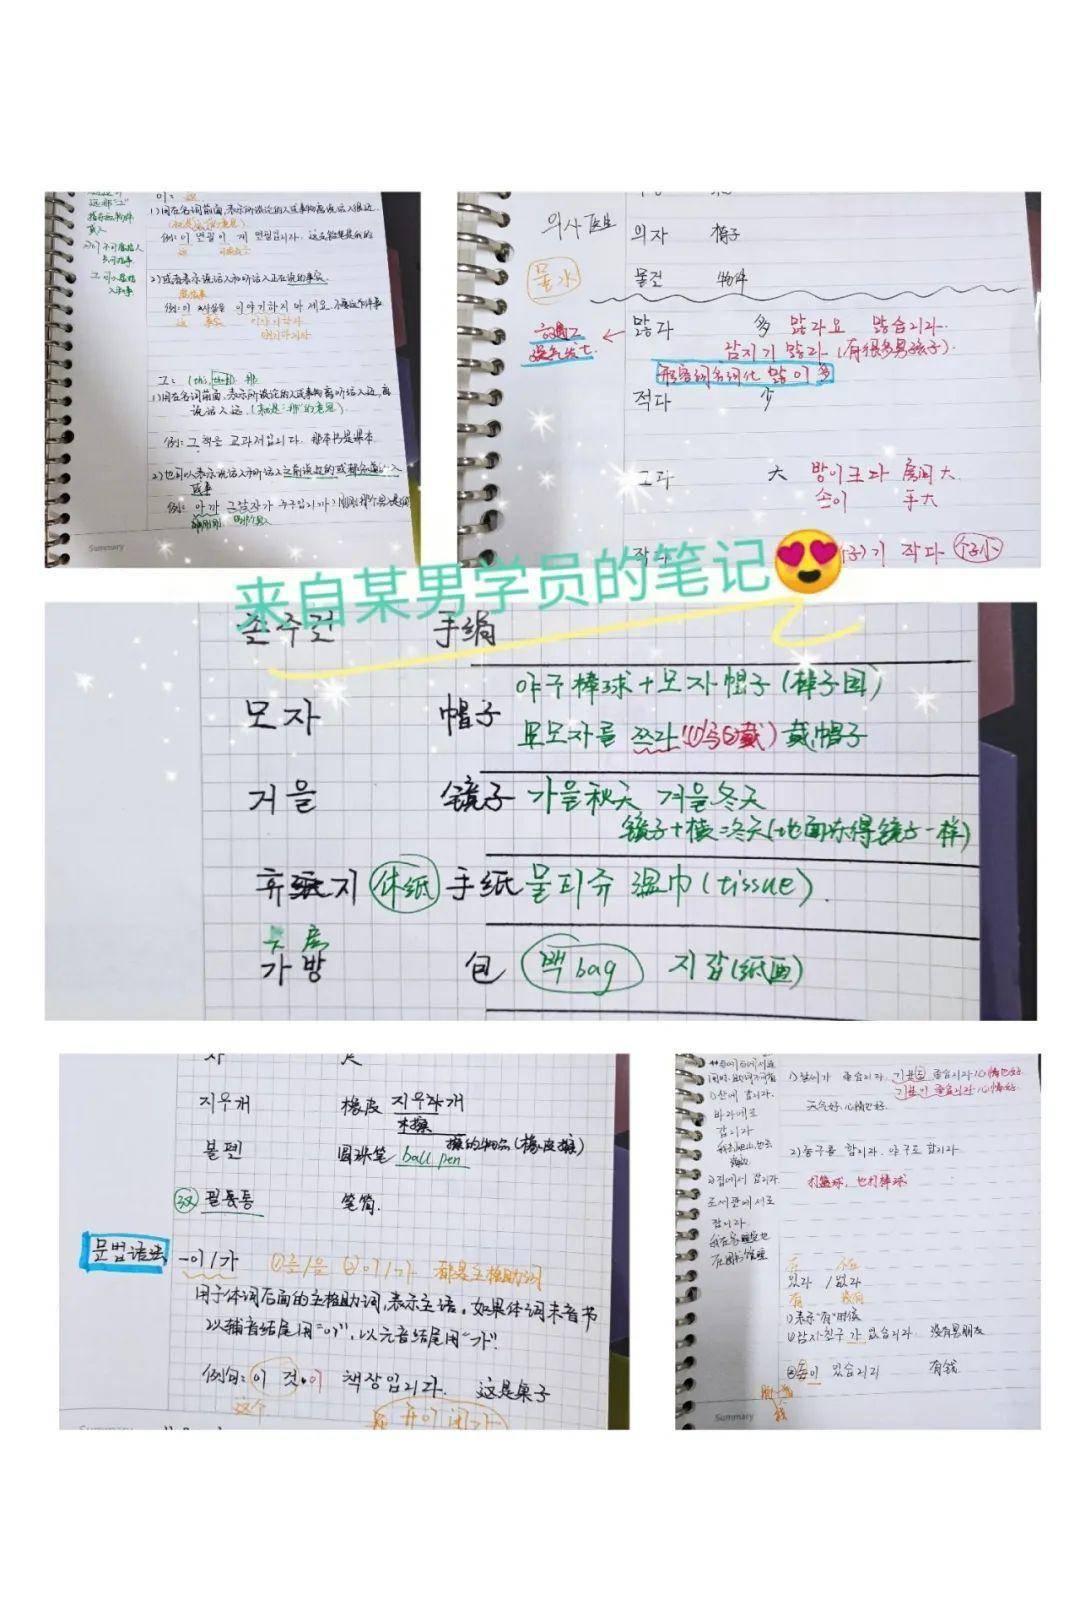 韩文键盘中文对照表